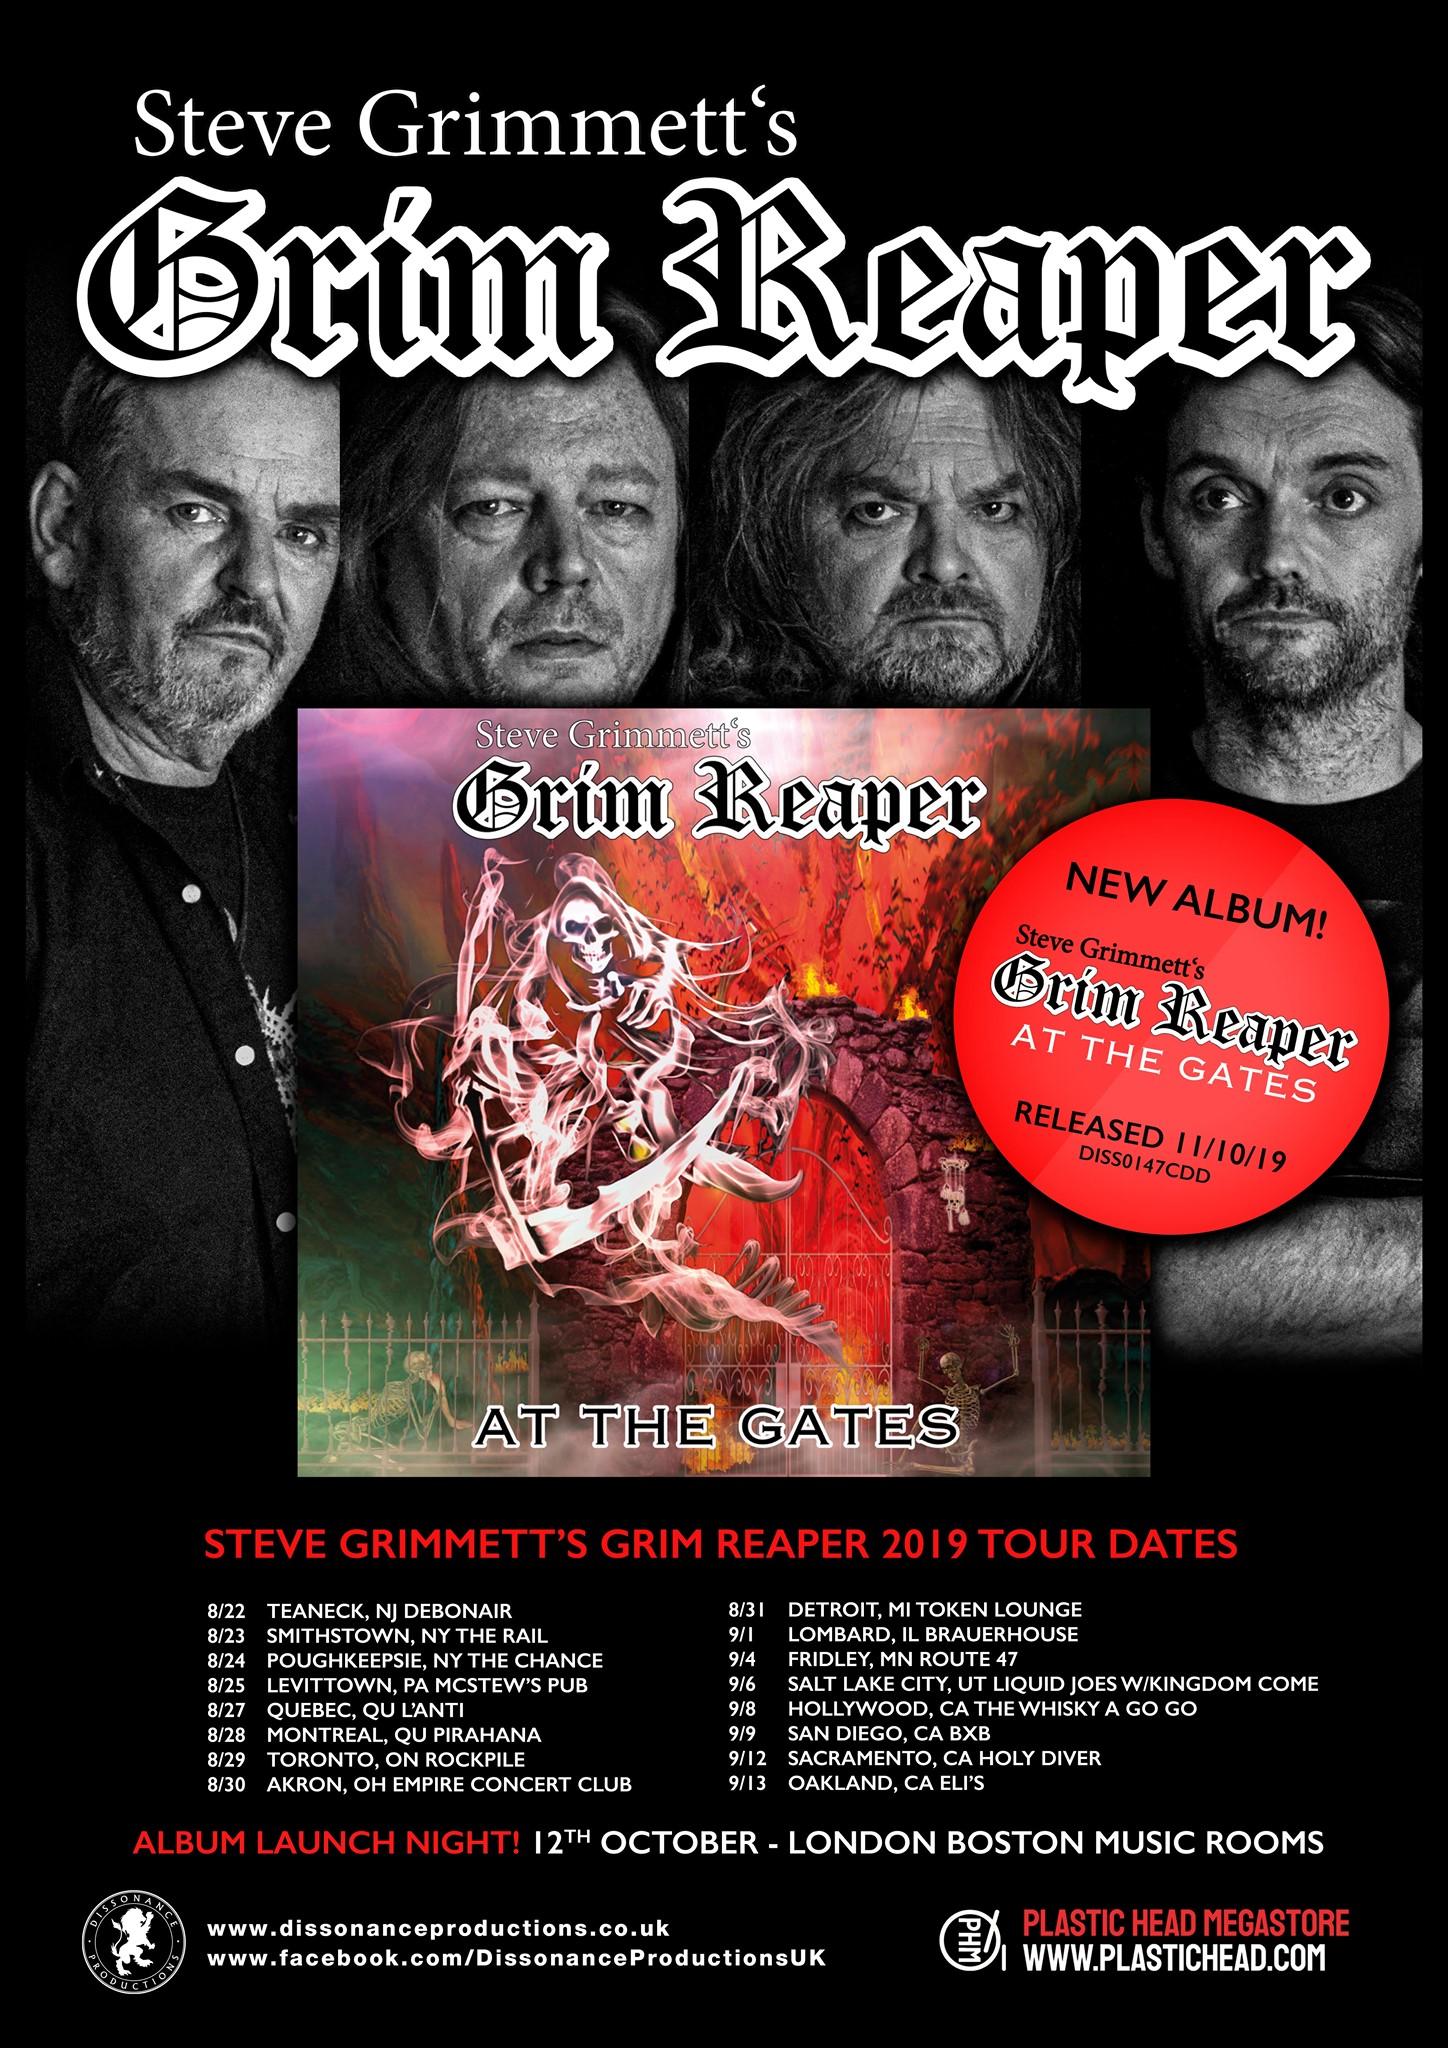 Steve Grimmett Grim Reaper London 12 October.jpg